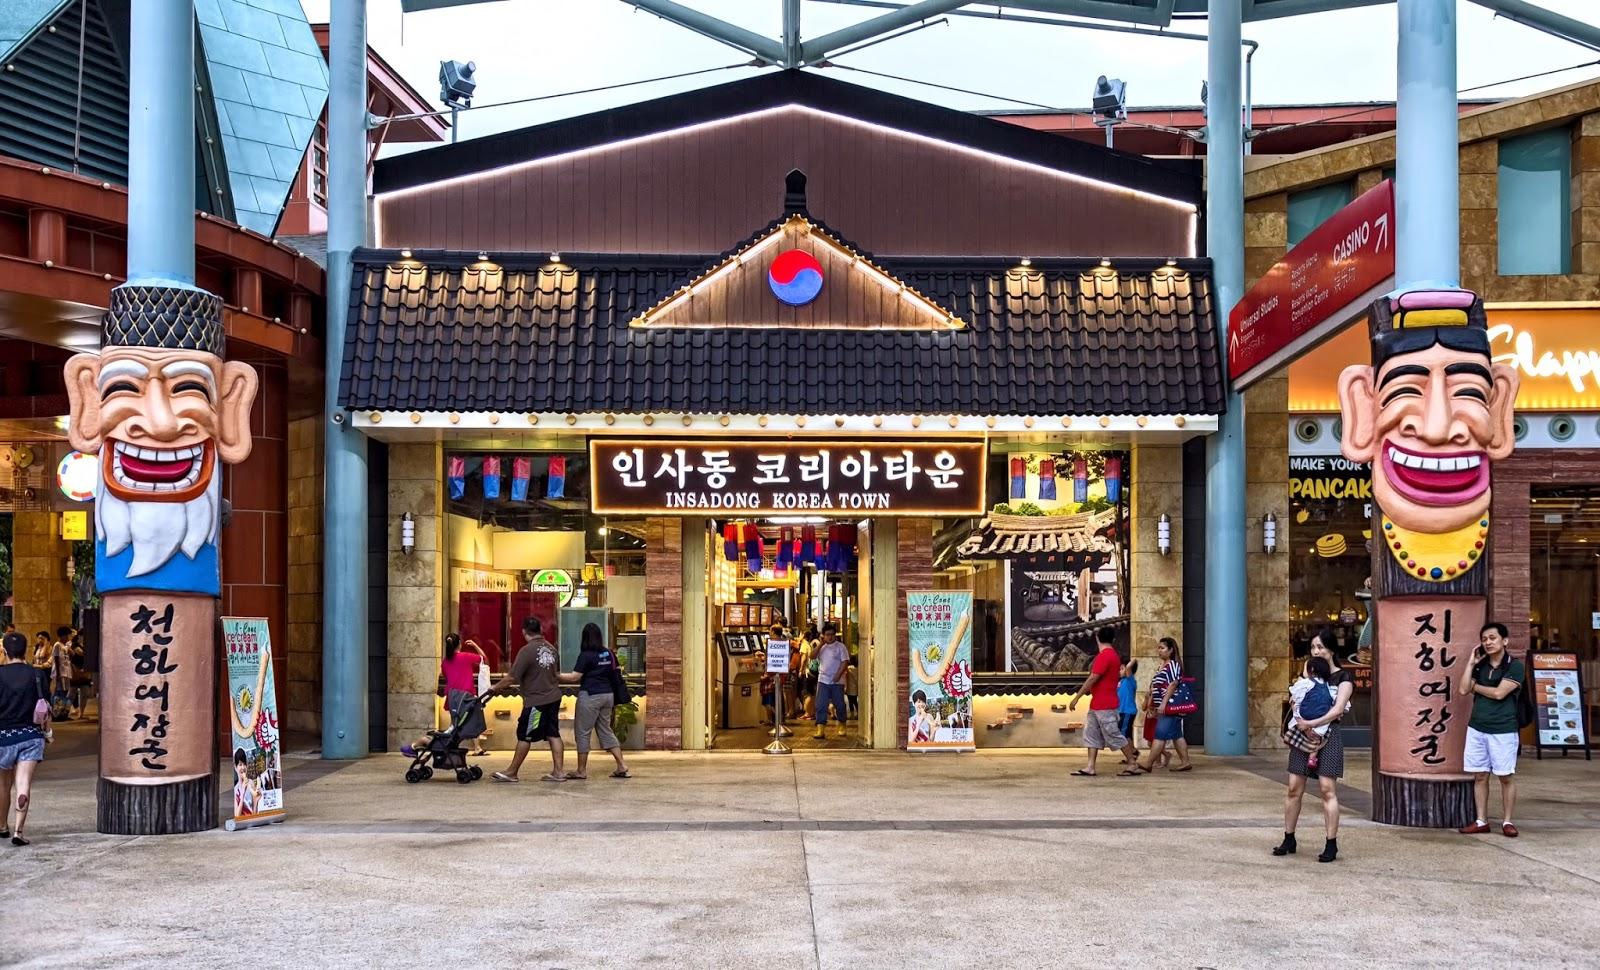 insadong korean town kaiting hearts